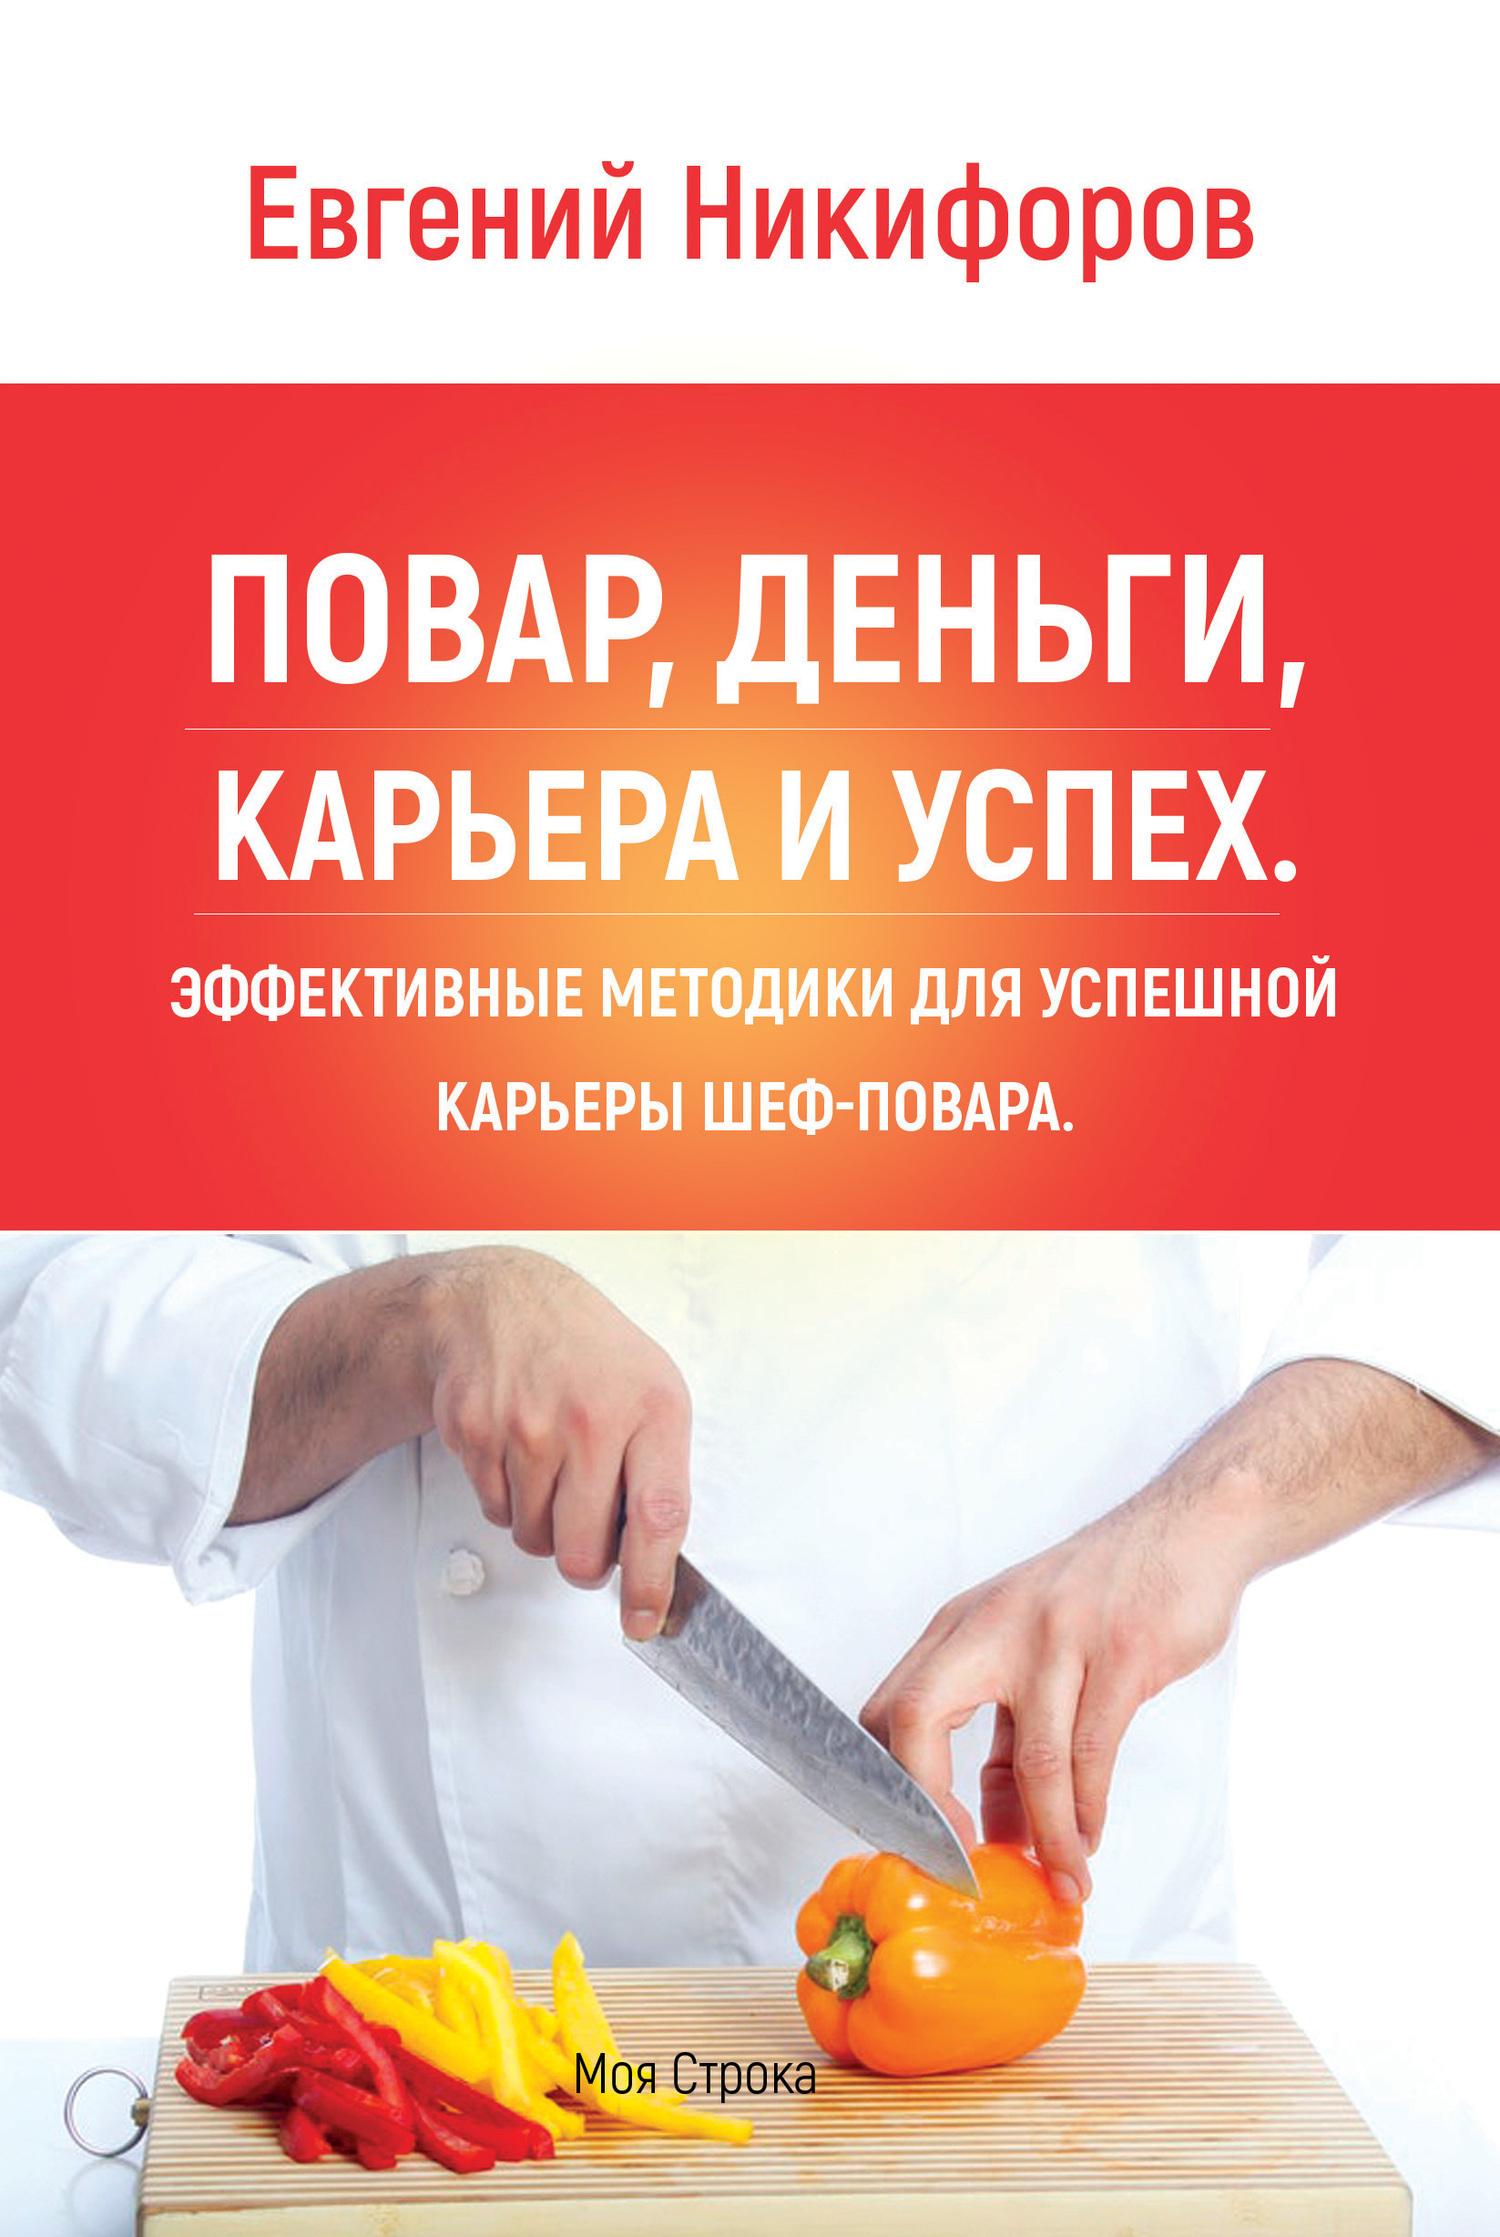 Евгений Никифоров - Повар, деньги, карьера и успех. Эффективные методики для успешной карьеры шеф-повара